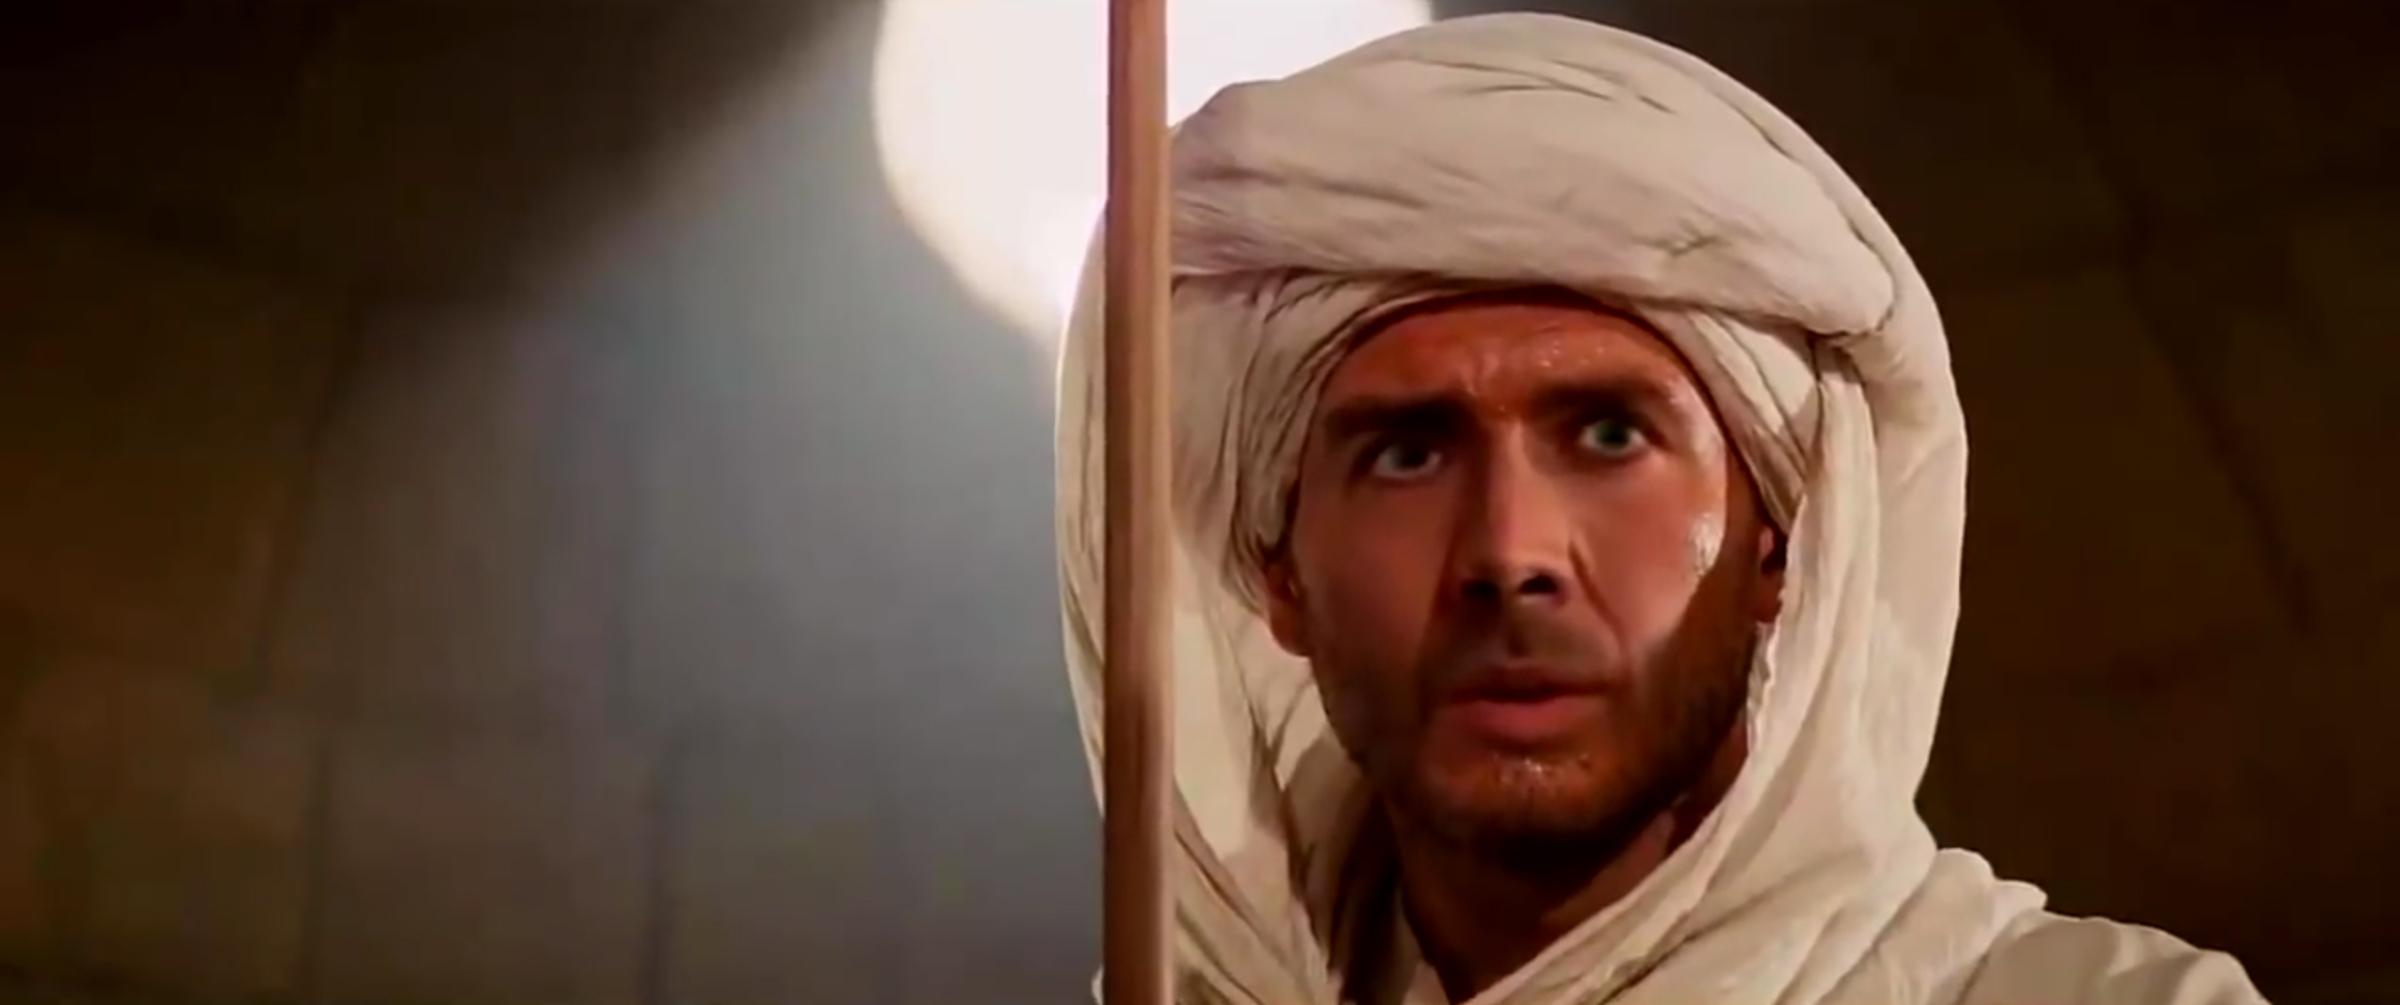 Stopklatka z fałszywego wideo (deepfake) z Nicolasem Cage'em jako Indianą Jonesem